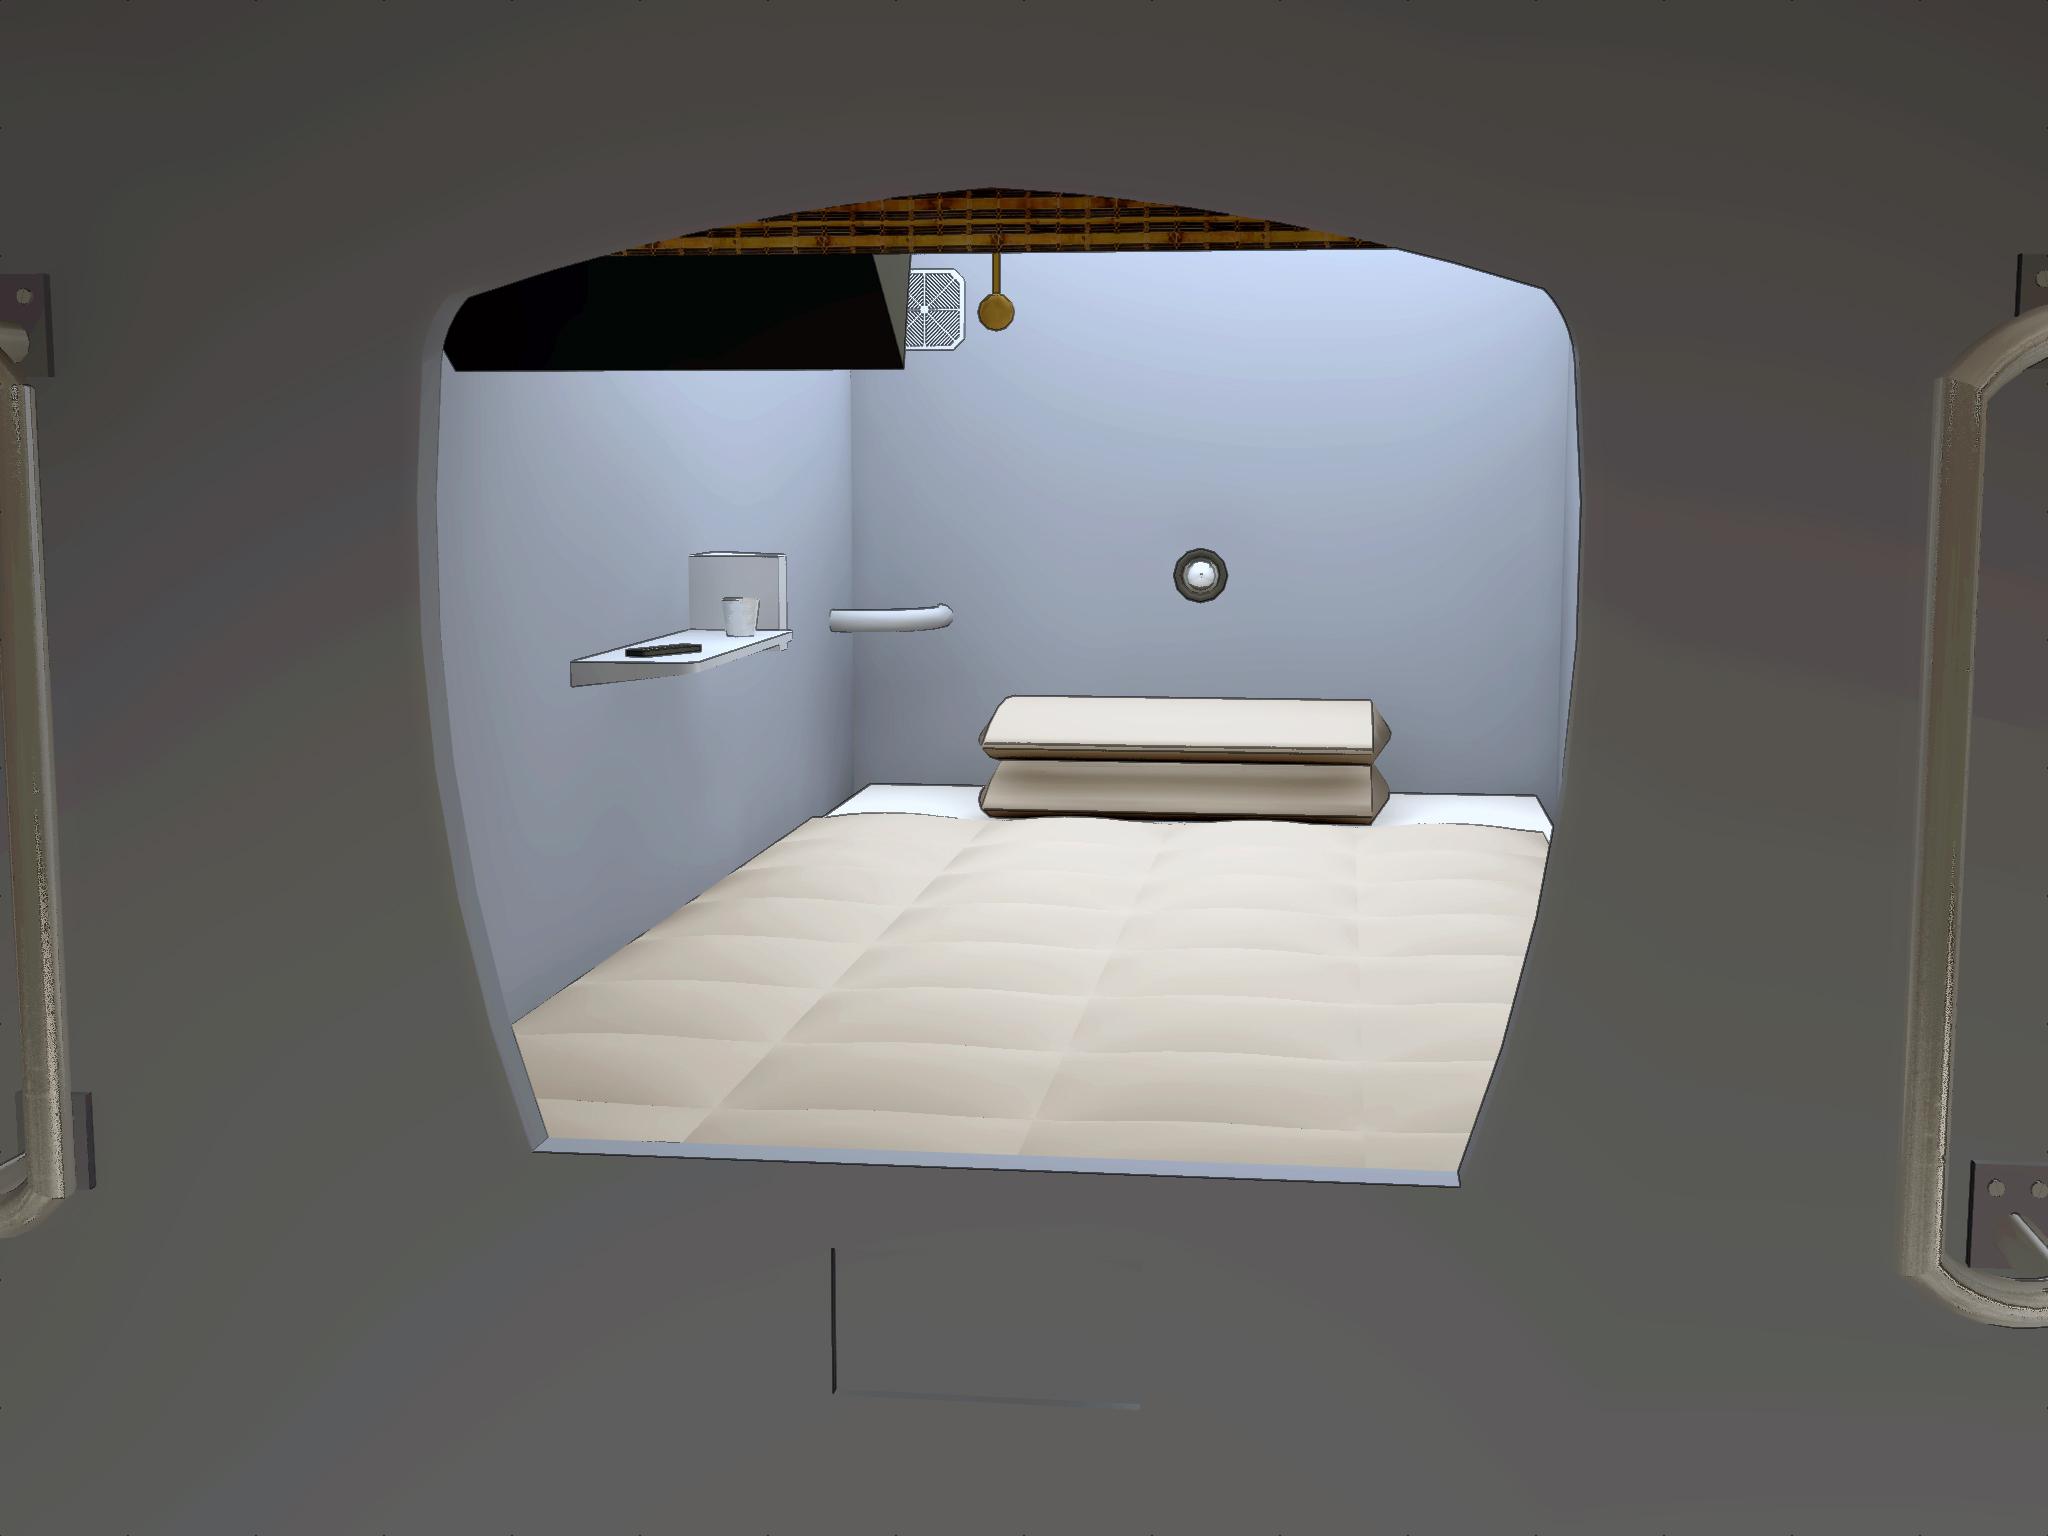 「超快適!カプセルホテルに泊まるなら持って行きたい便利アイテム」のアイキャッチ画像